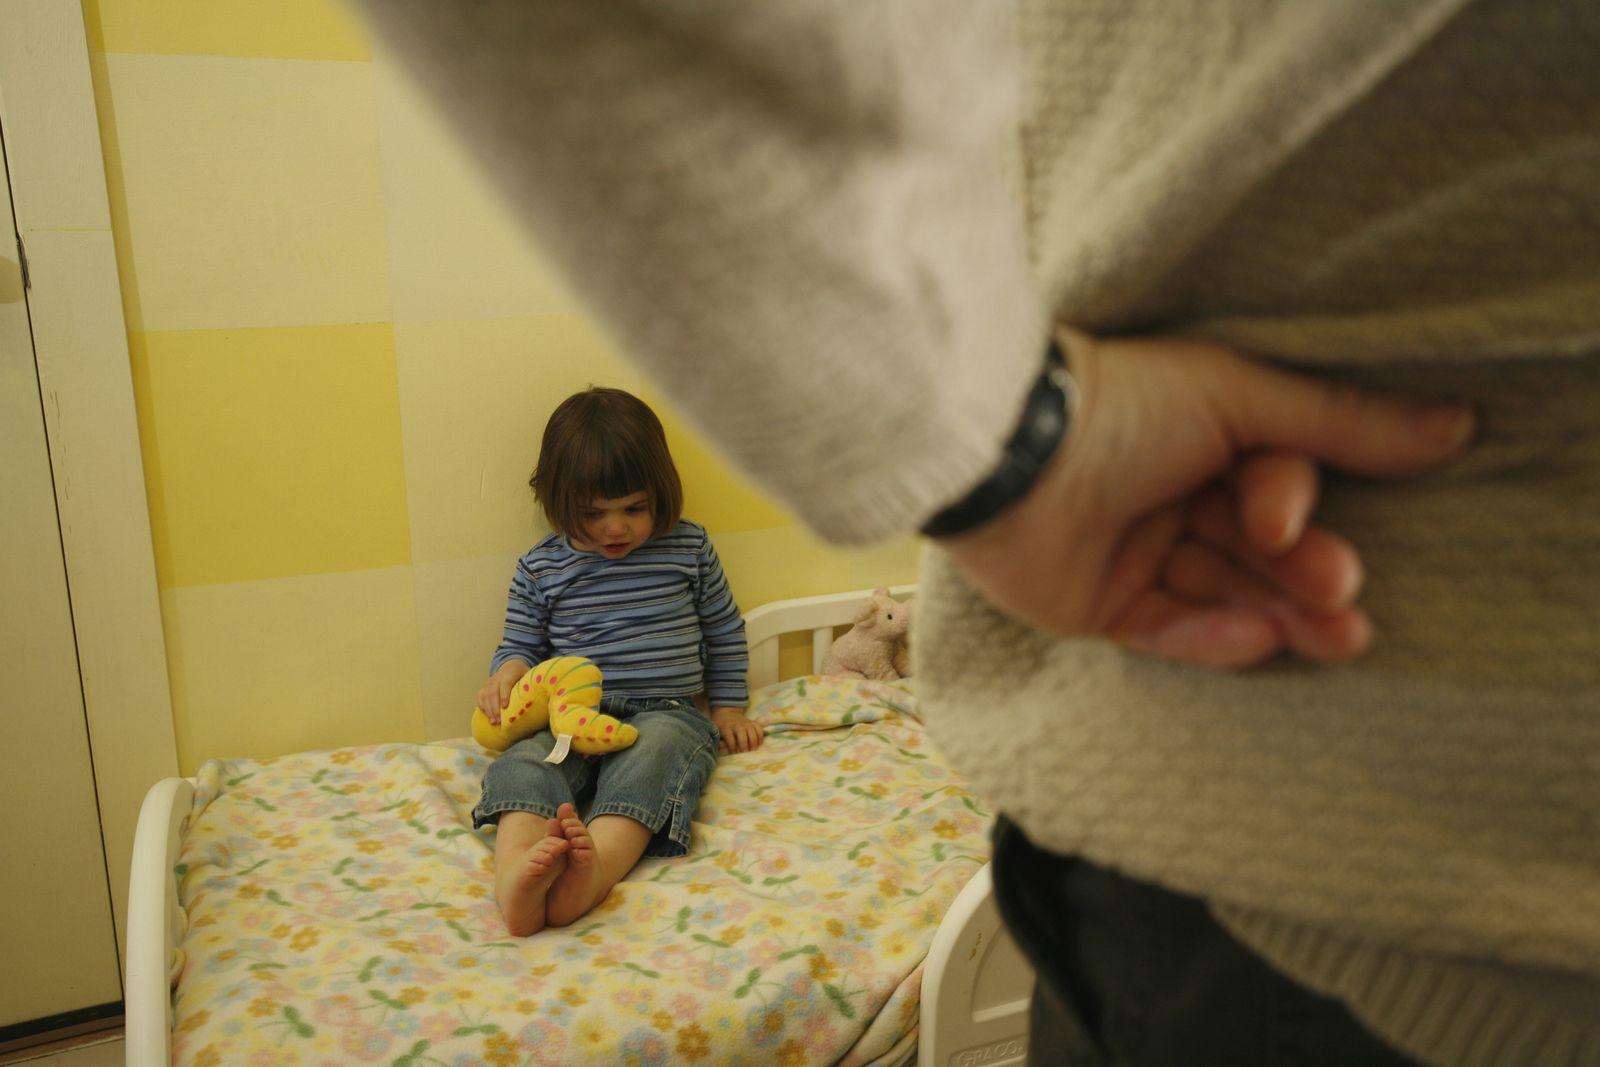 NICHT MEHR VERWENDEN! - Kindheit/ Missverständnis/ Erziehung